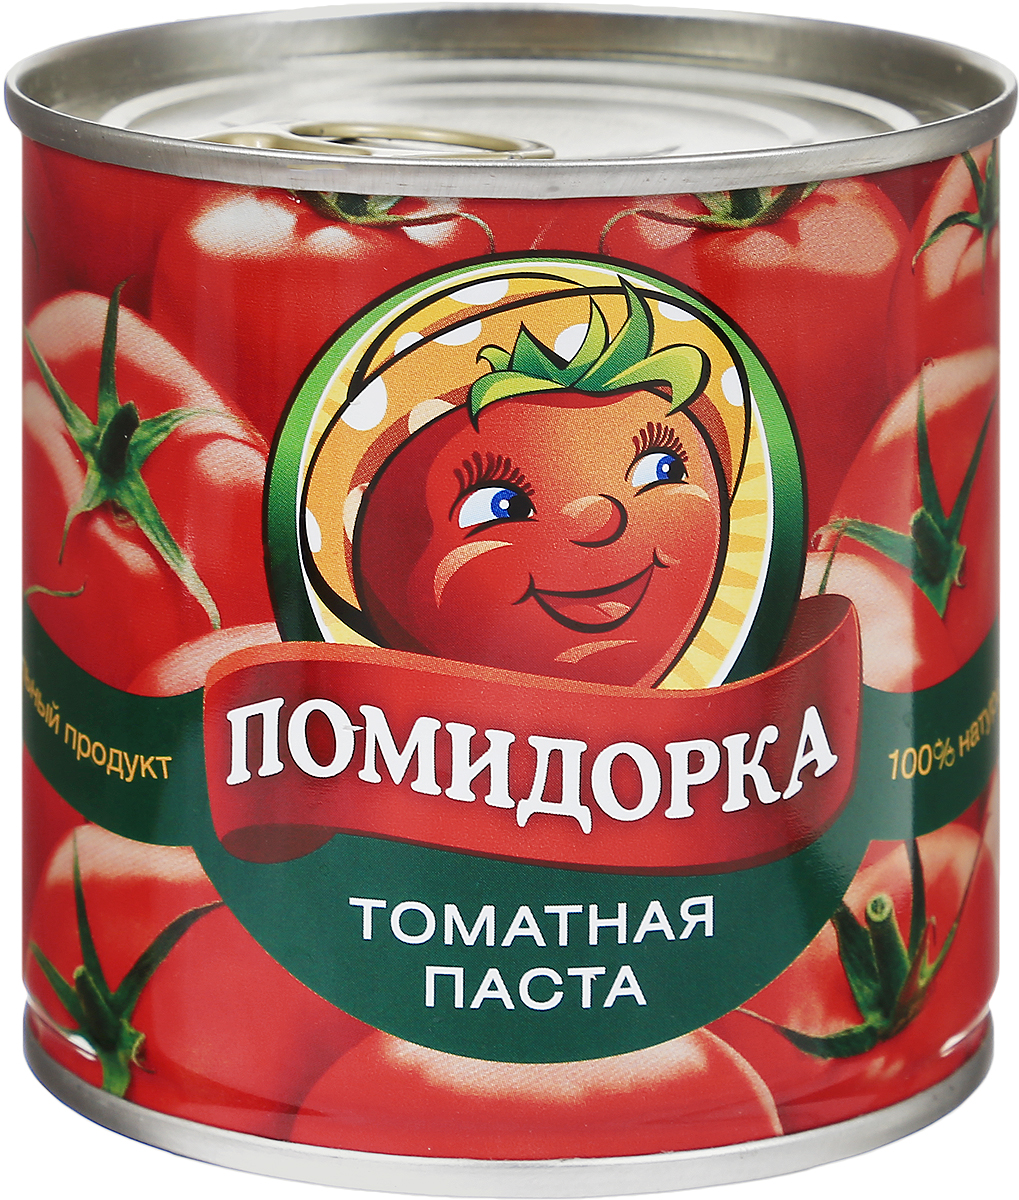 Помидорка Томатная паста, 250 г0120710Томатная паста Помидорка - гармоничный продукт с оригинальным свежим вкусом, насыщенным цветом и ароматом.В ней отсутствуют искусственные пищевые добавки - это полностью натуральный продукт. Томатная паста Помидорка очень густая (содержит более 25-28% сухих веществ) и приготовлена только из помидоров.